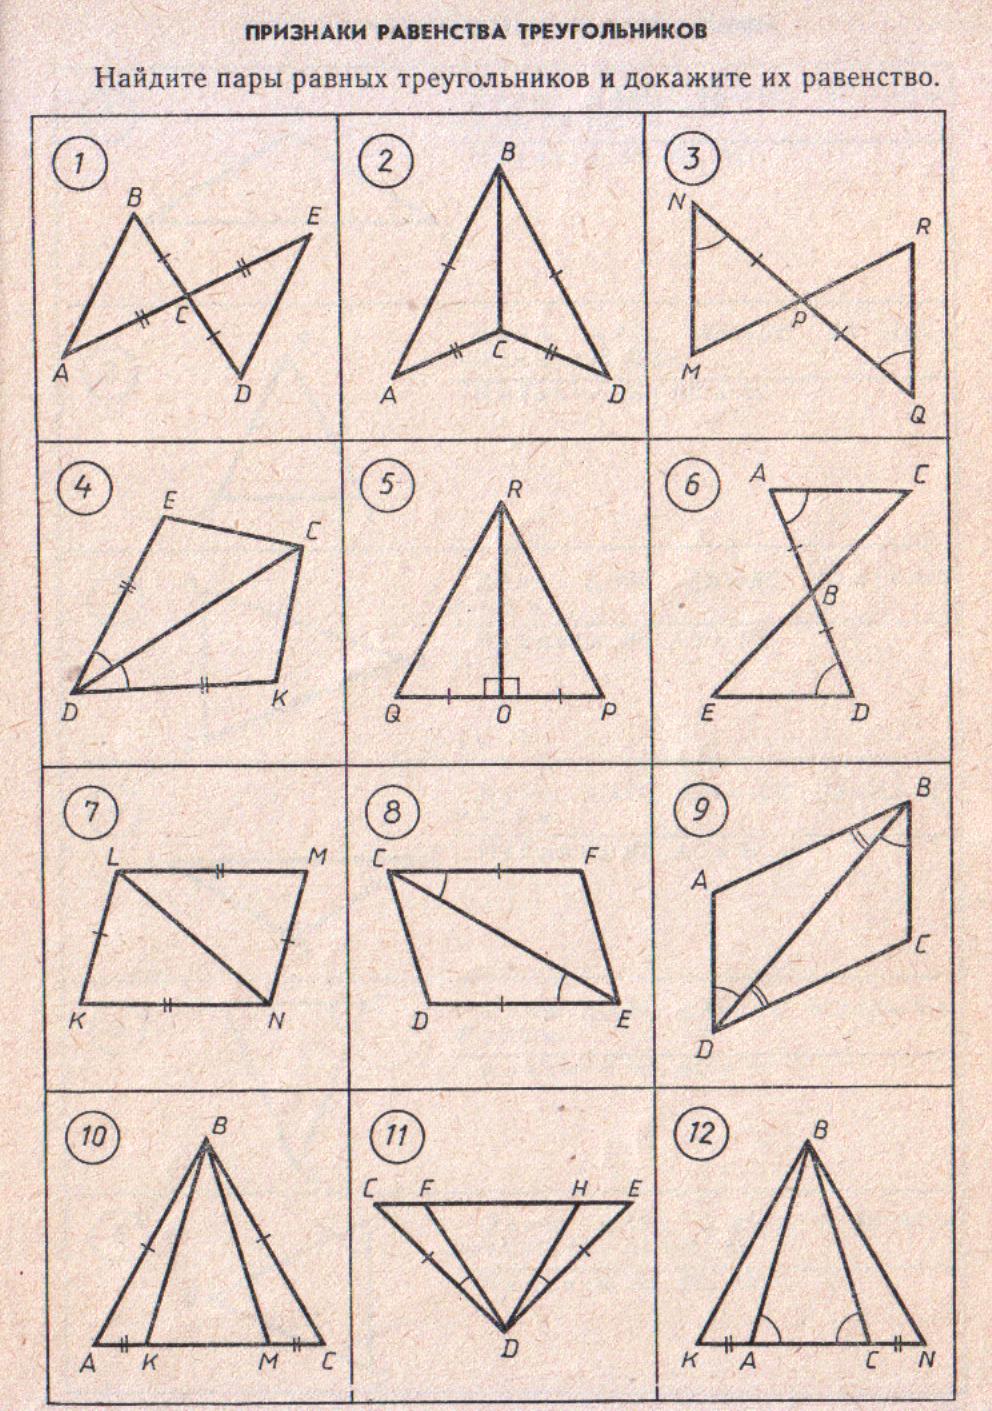 Урок первый признак равенства треугольников решение задач решение задач со схемами в 1 классе